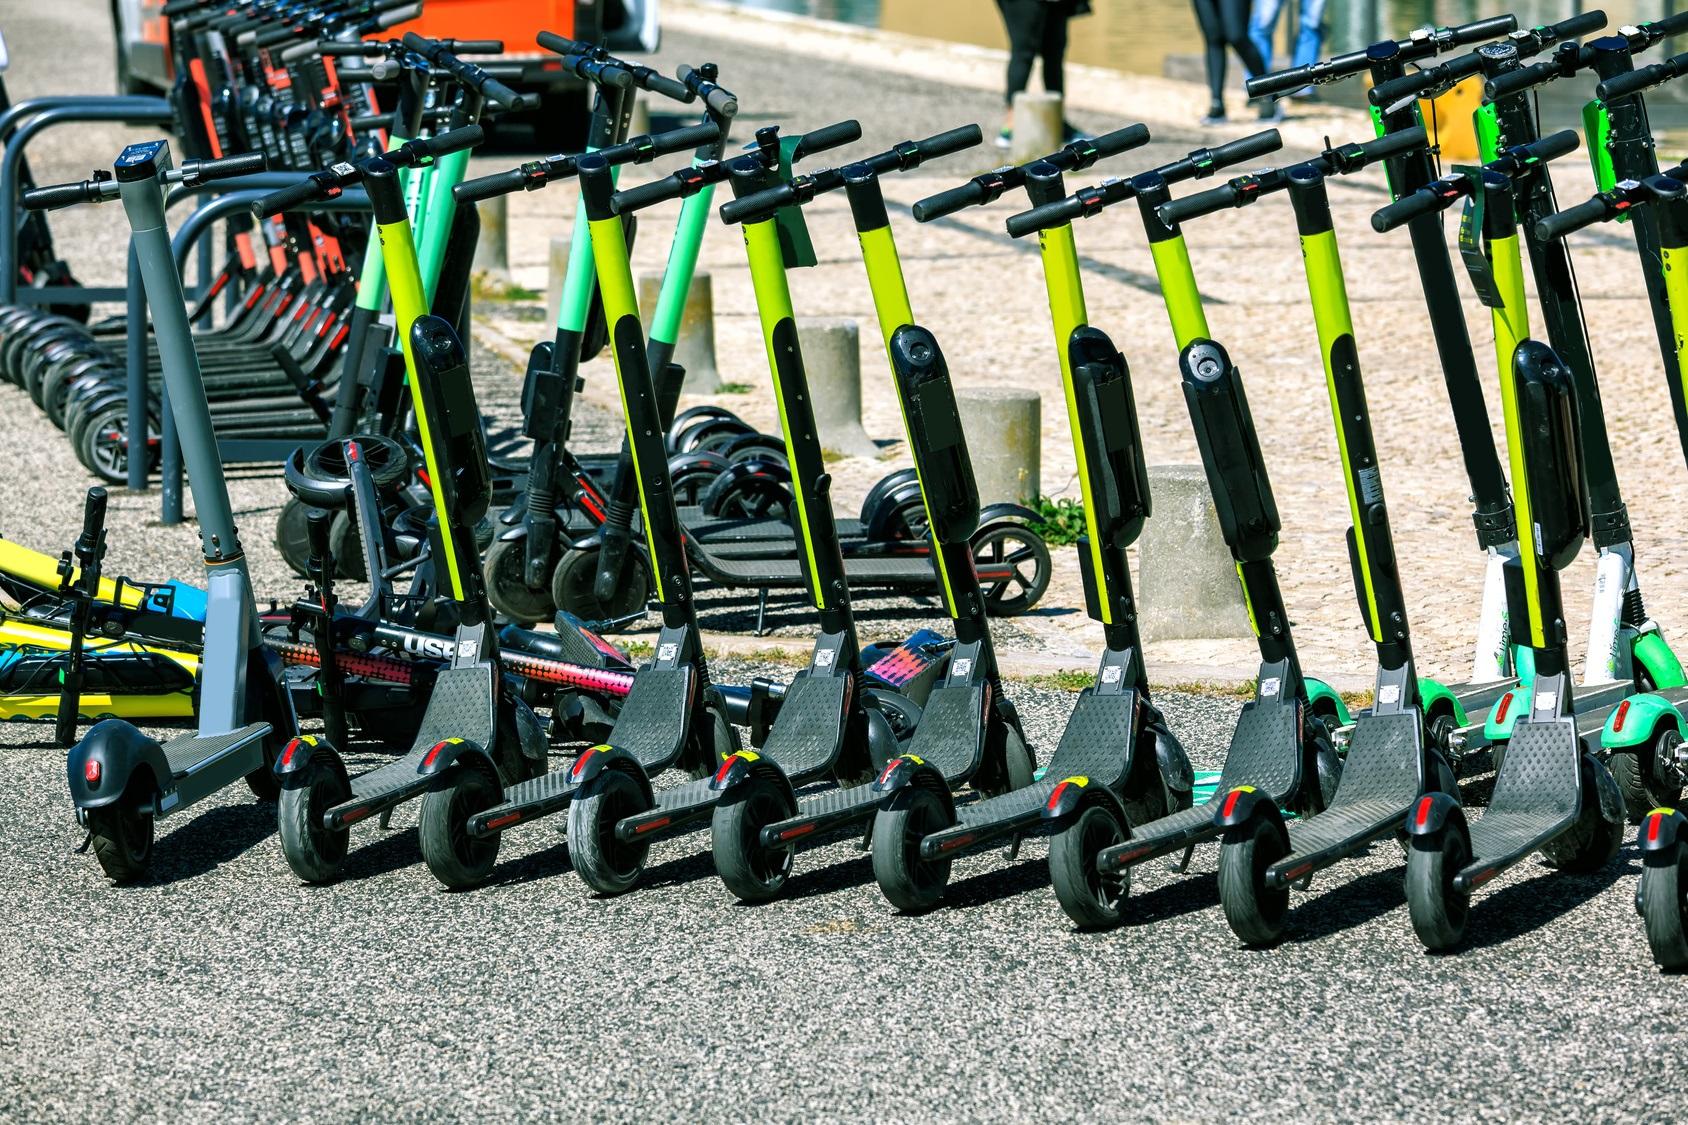 viele Leih-E-Tretroller in einer Reihe abgestellt in der Stadt